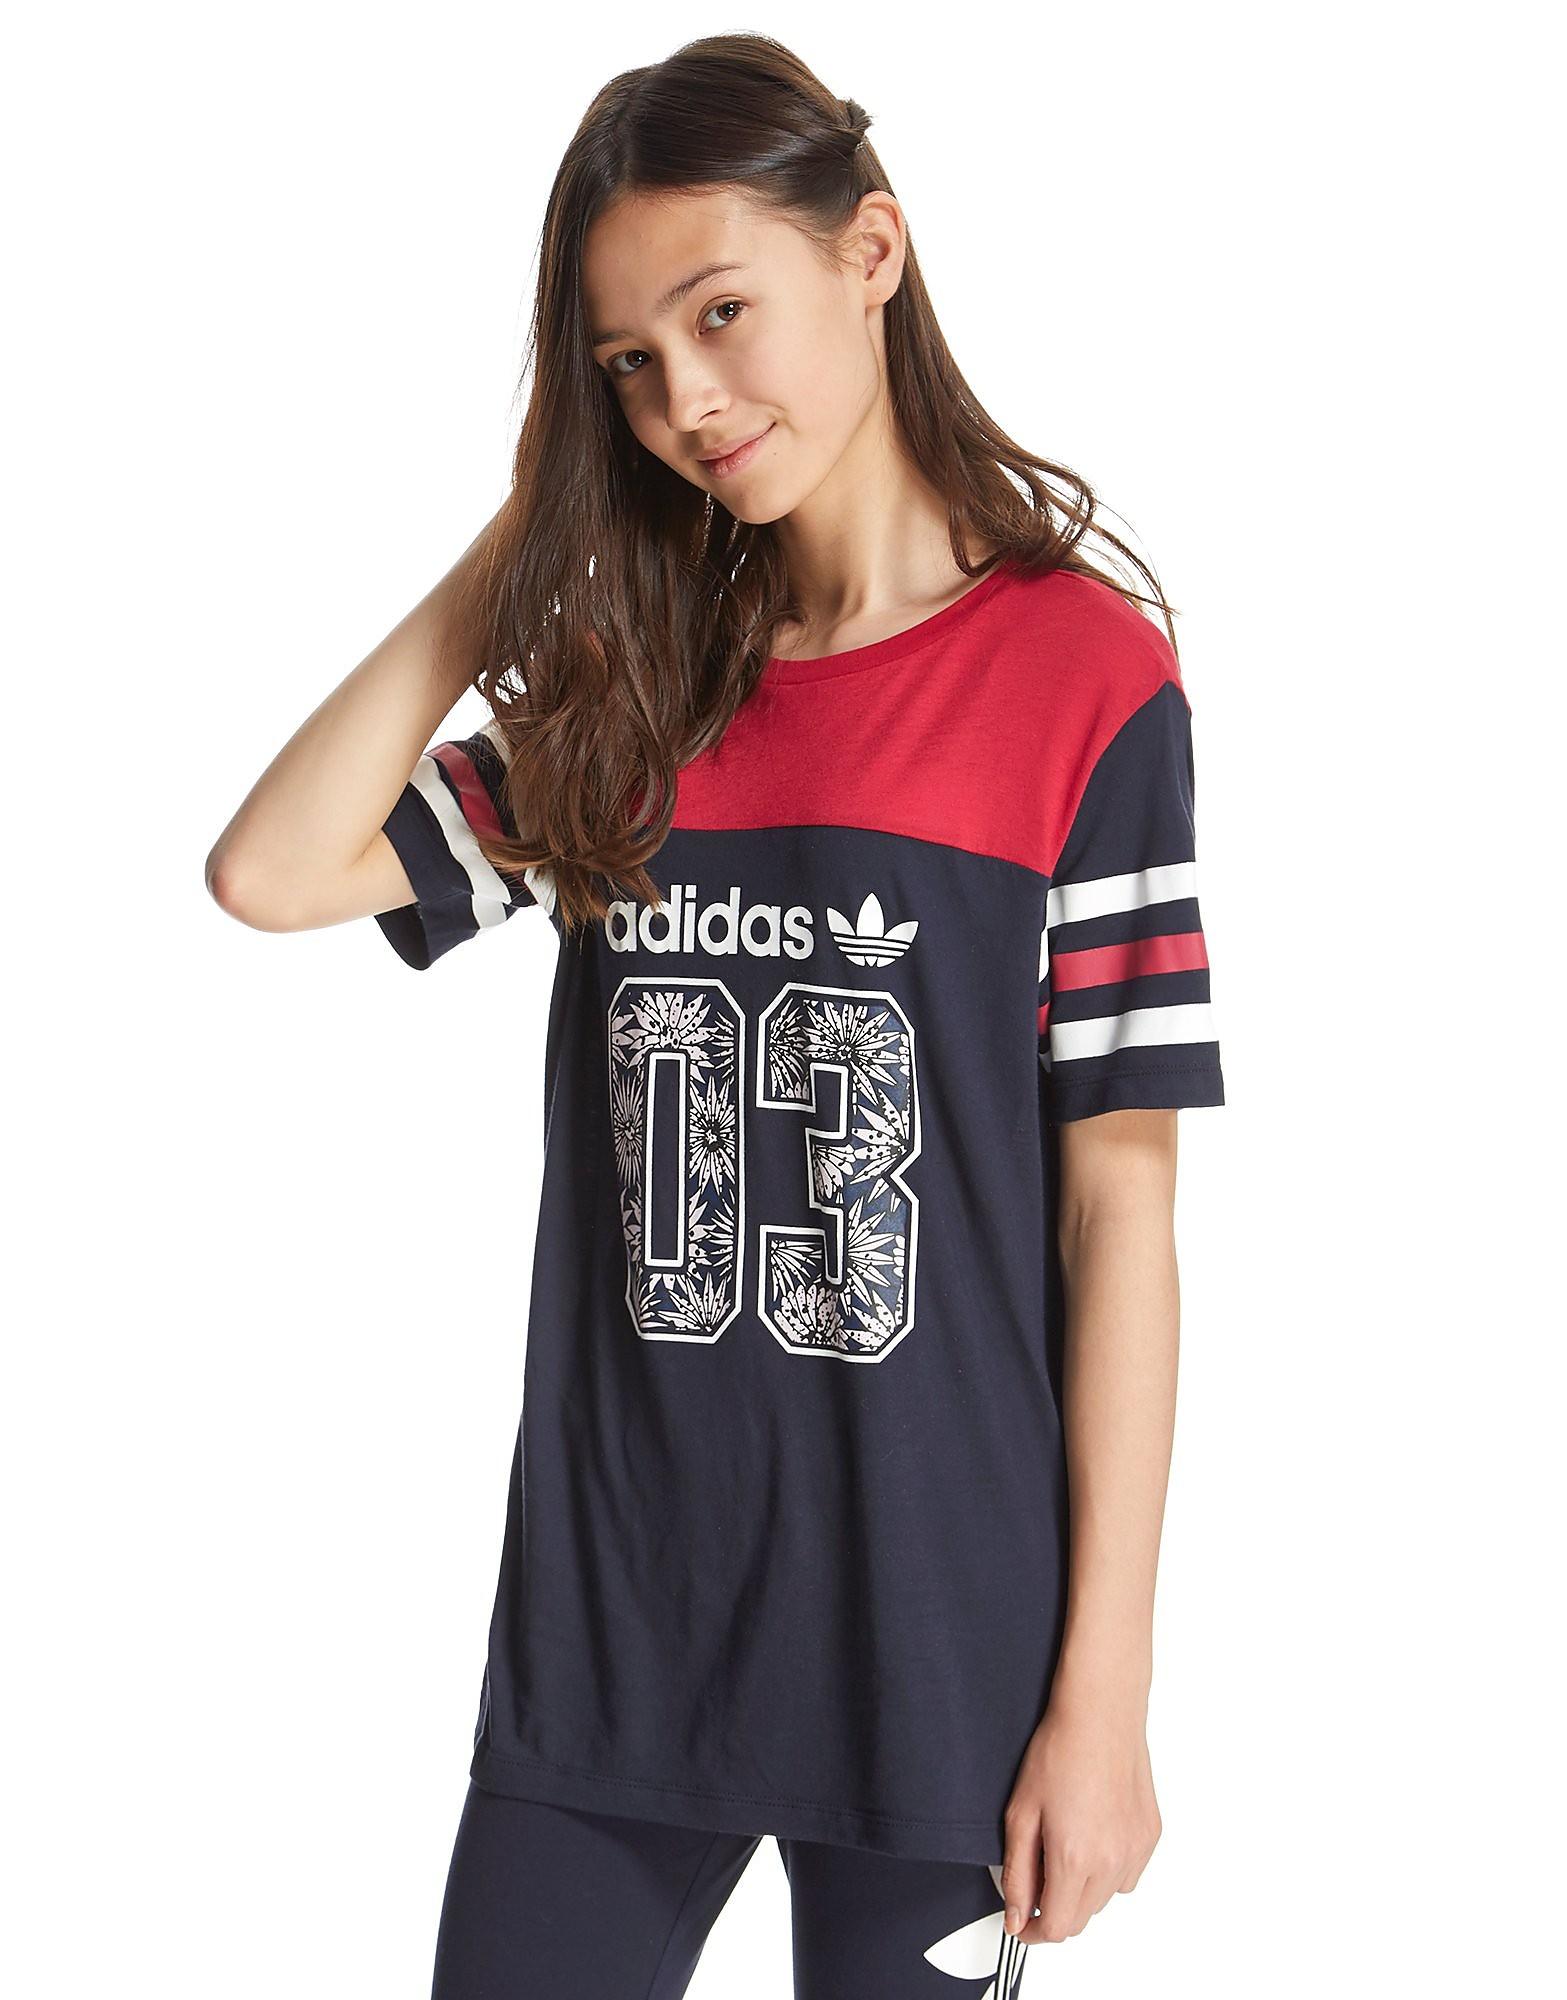 adidas Originals T-Shirt mit Blockfarbendesign für Mädchen